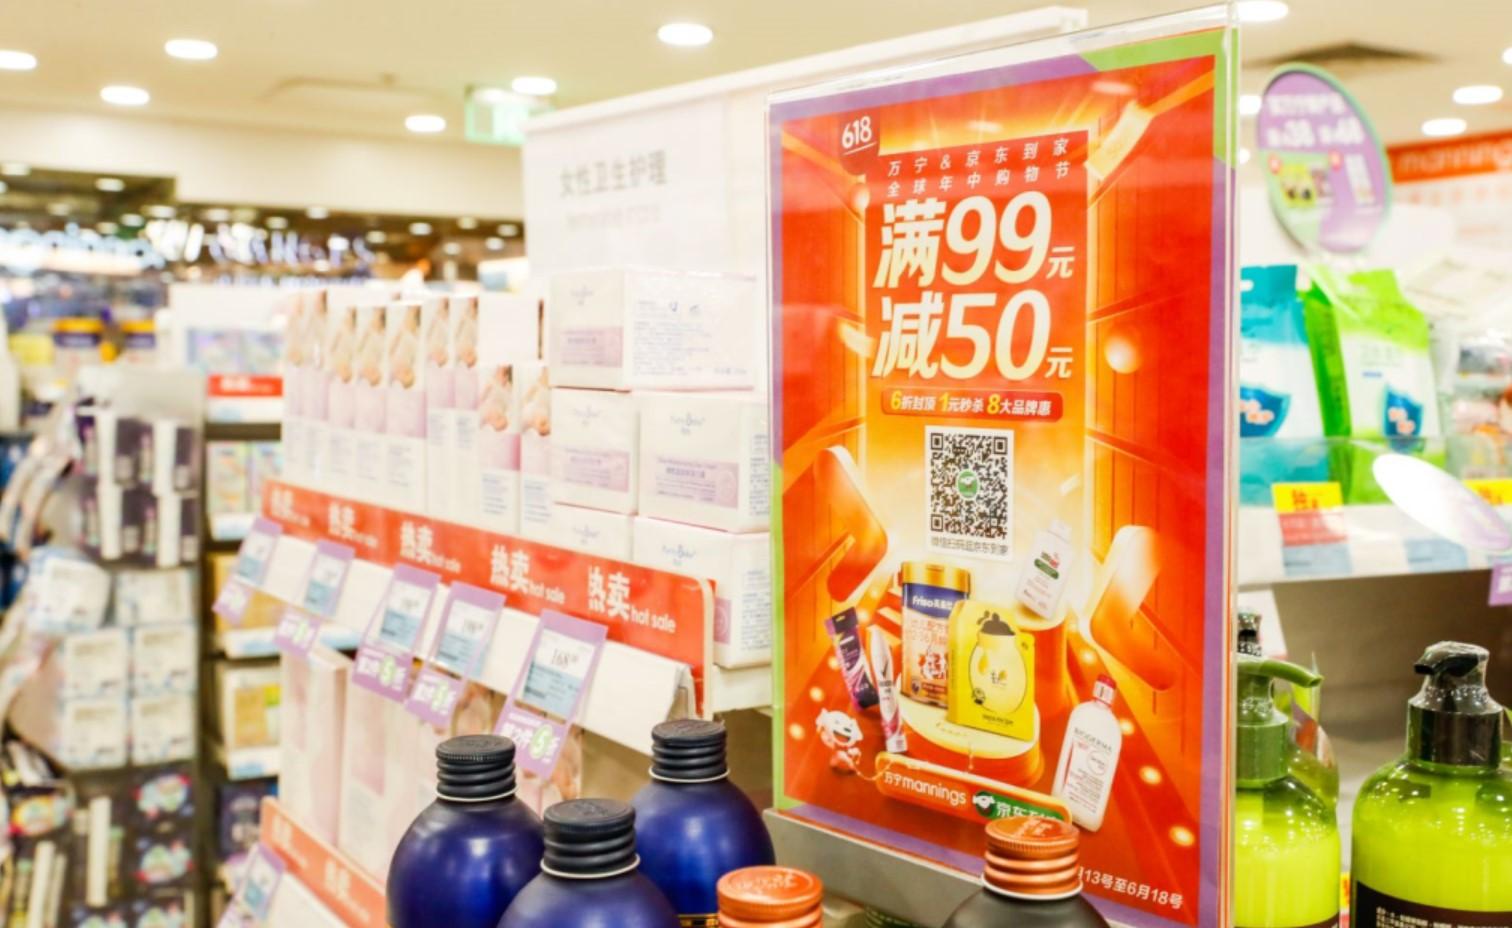 京东到家618战报:即时零售销售额翻倍 母婴商品销售额达同期5倍